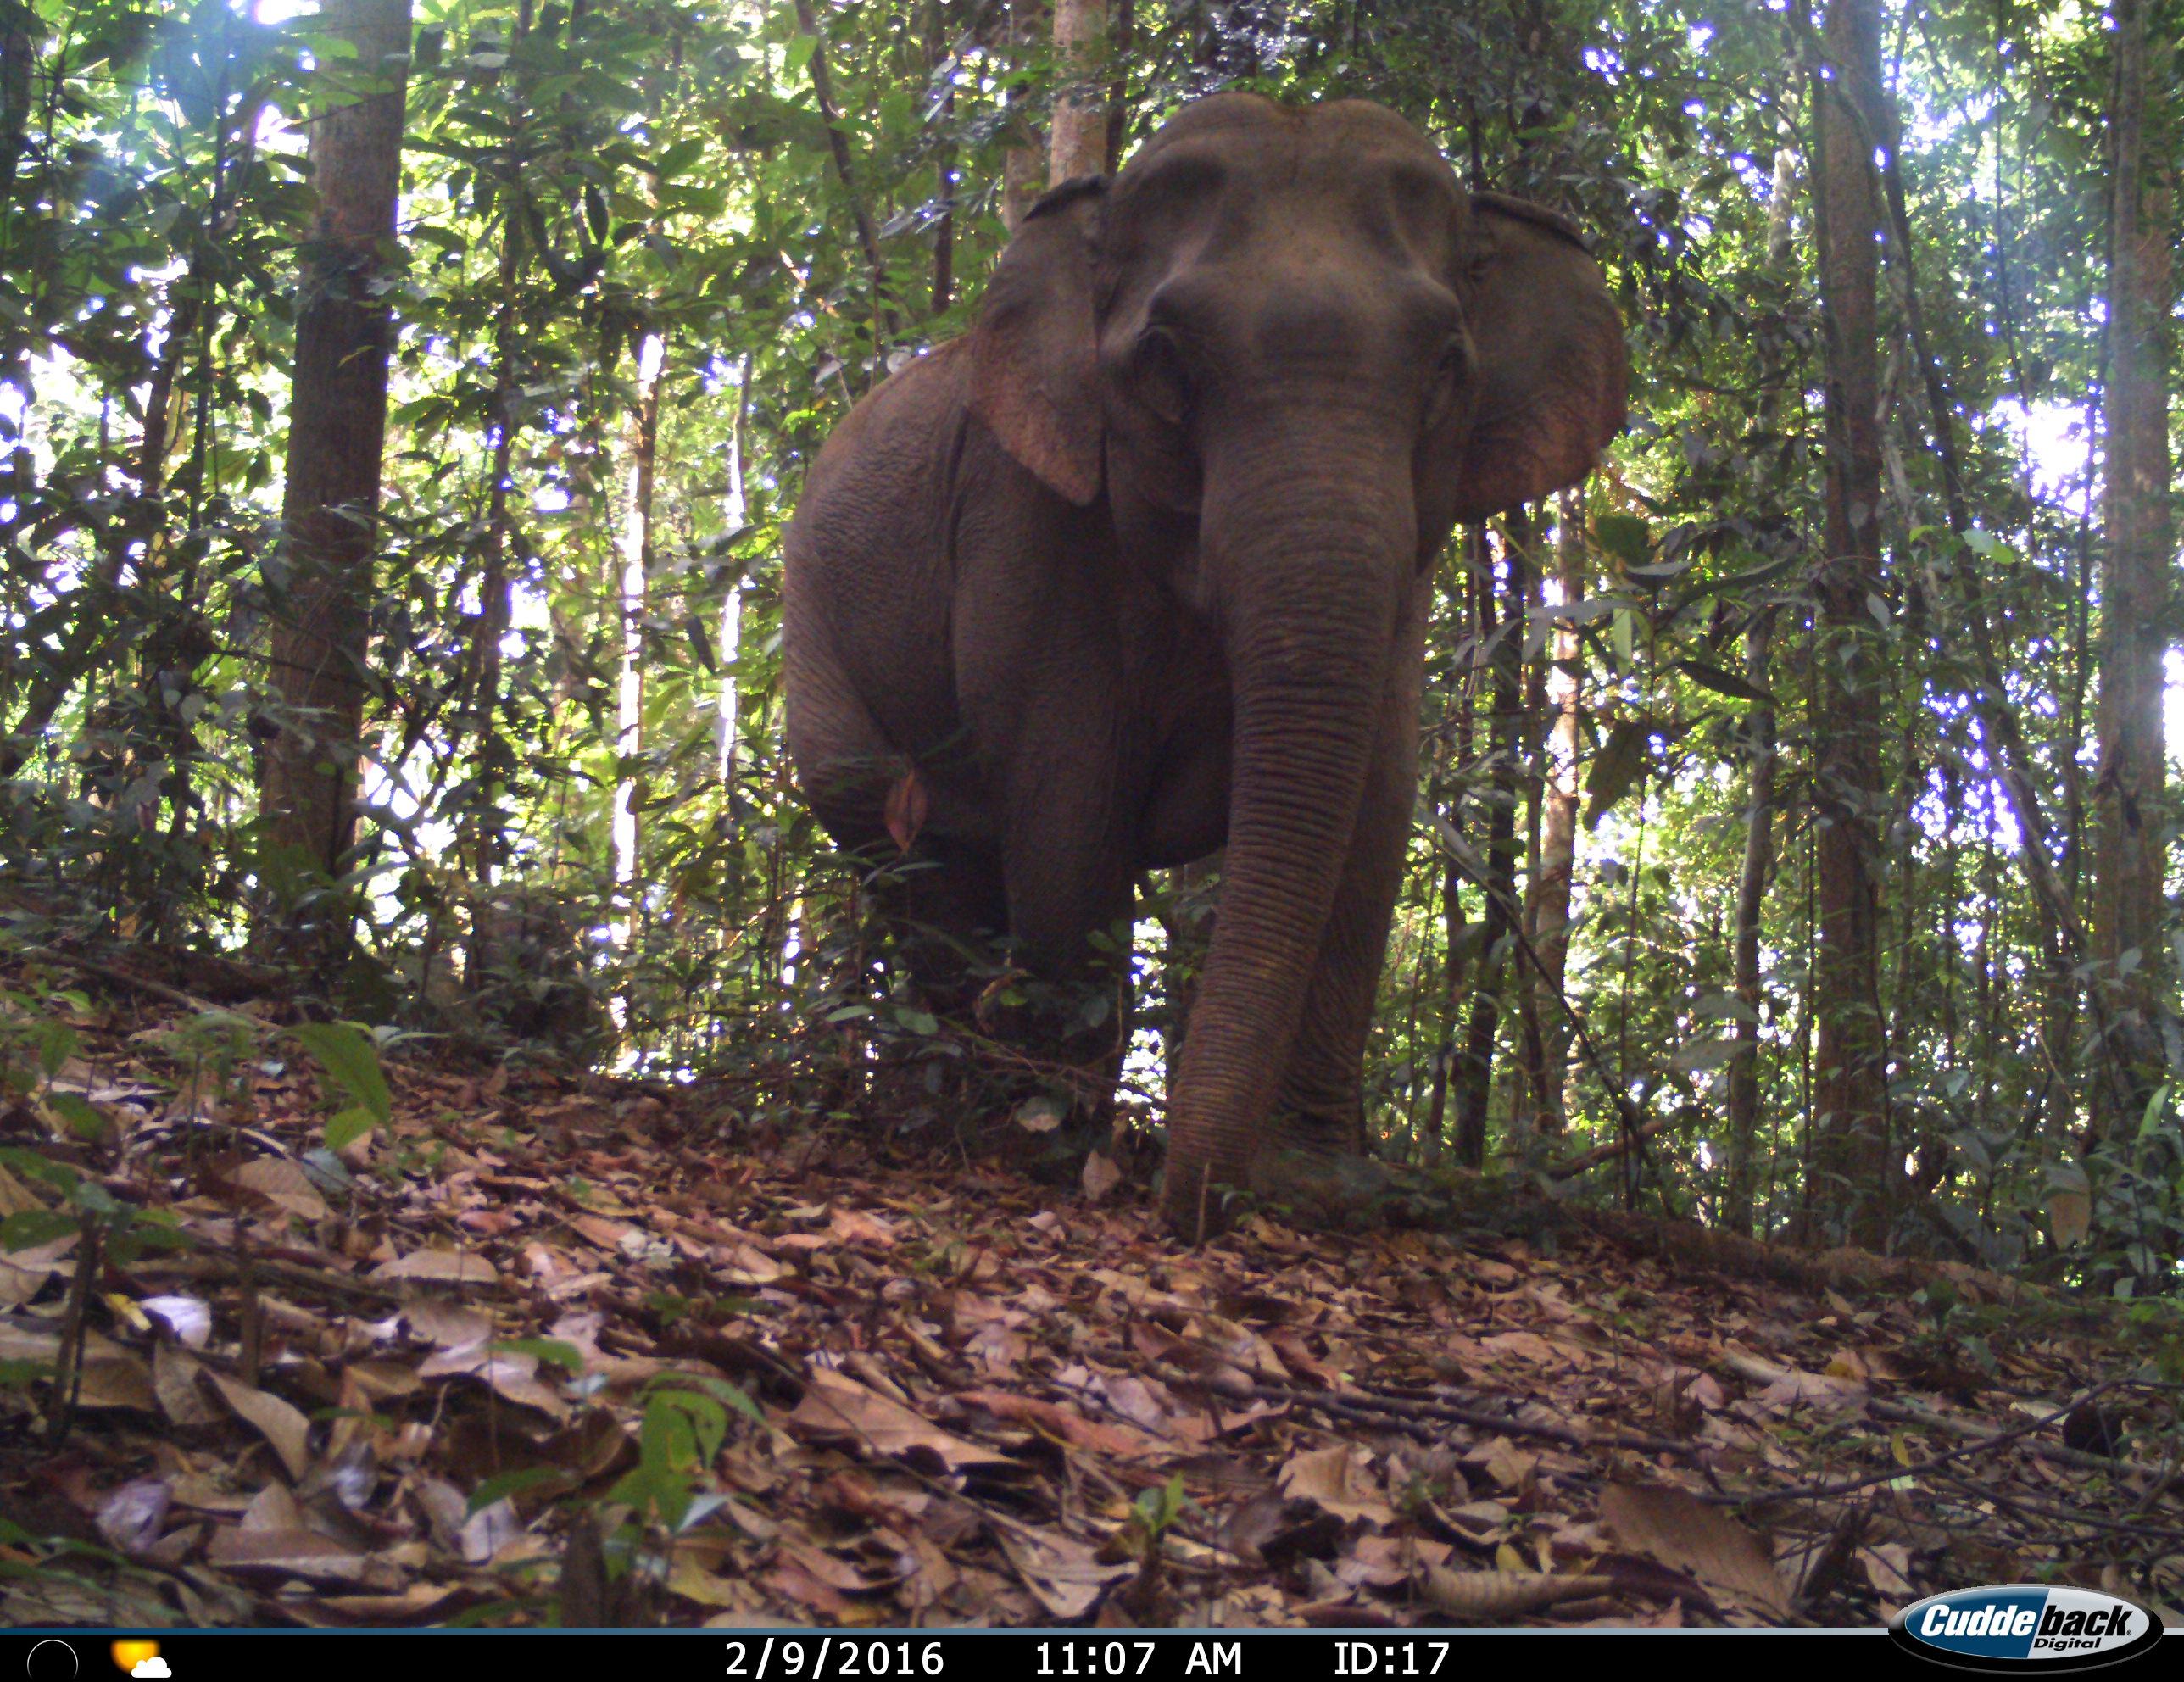 Ulu Muda elephant